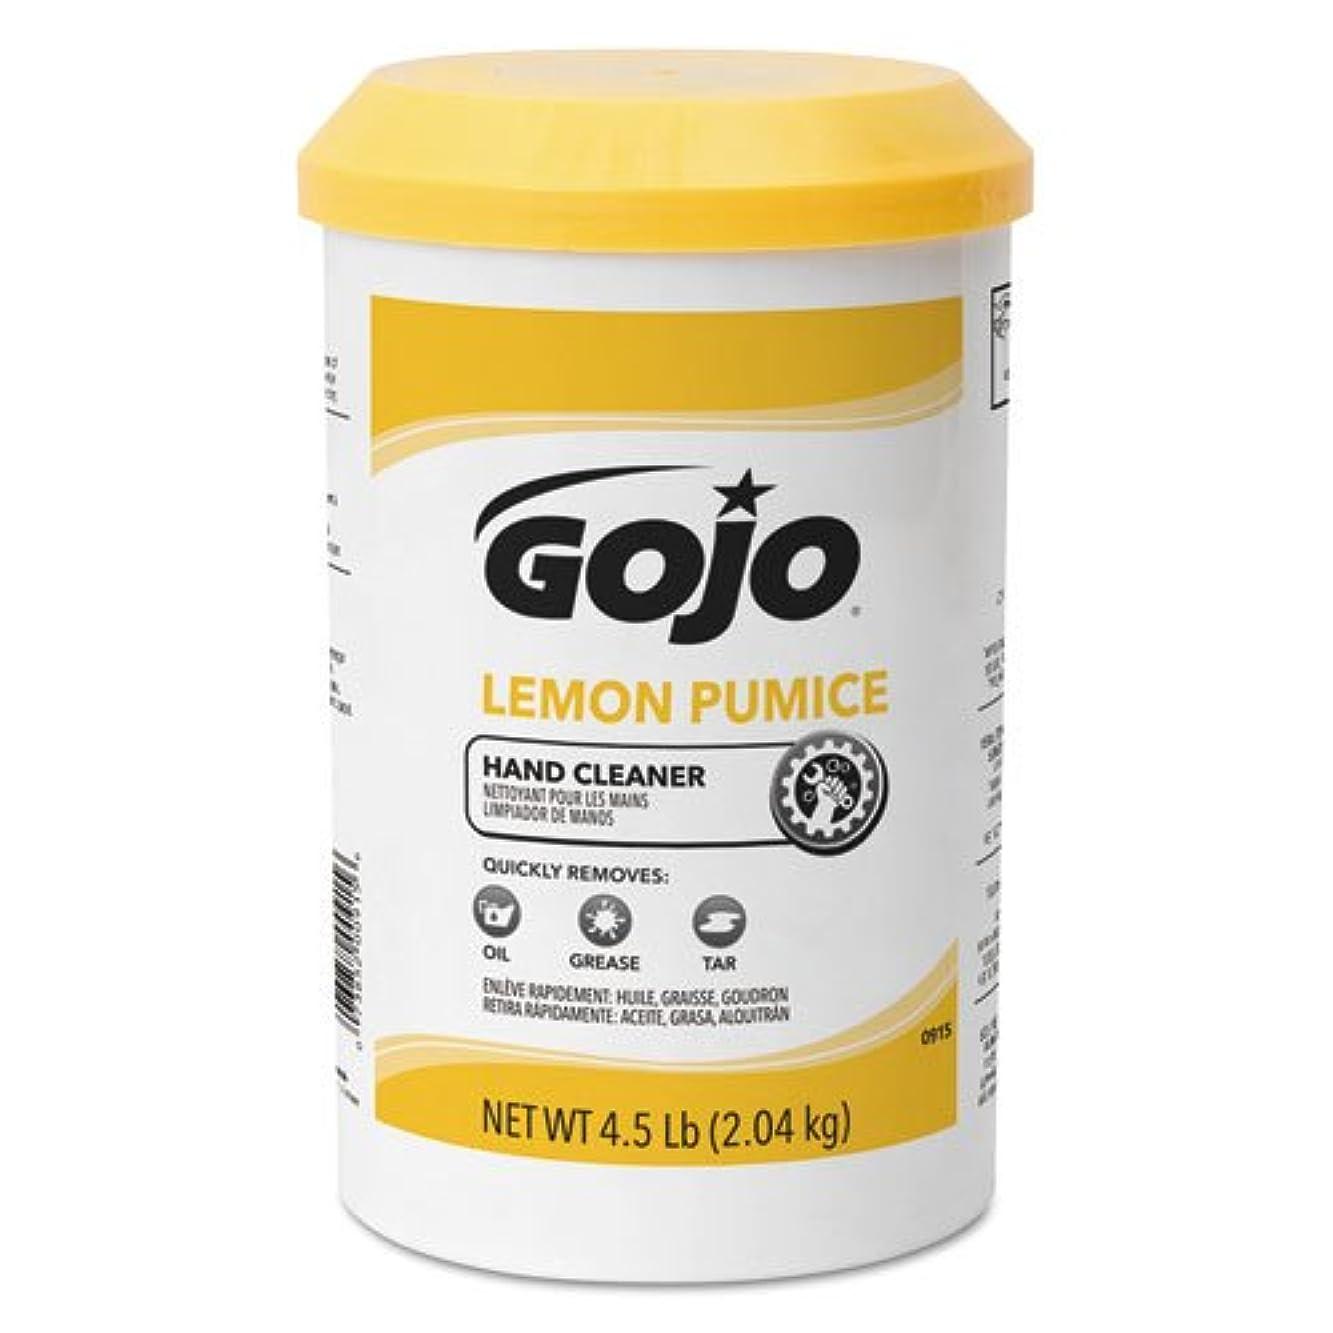 部族動かないナットGojo レモンプーミス ハンドクリーナー レモンの香り 4.5ポンド GOJ0915